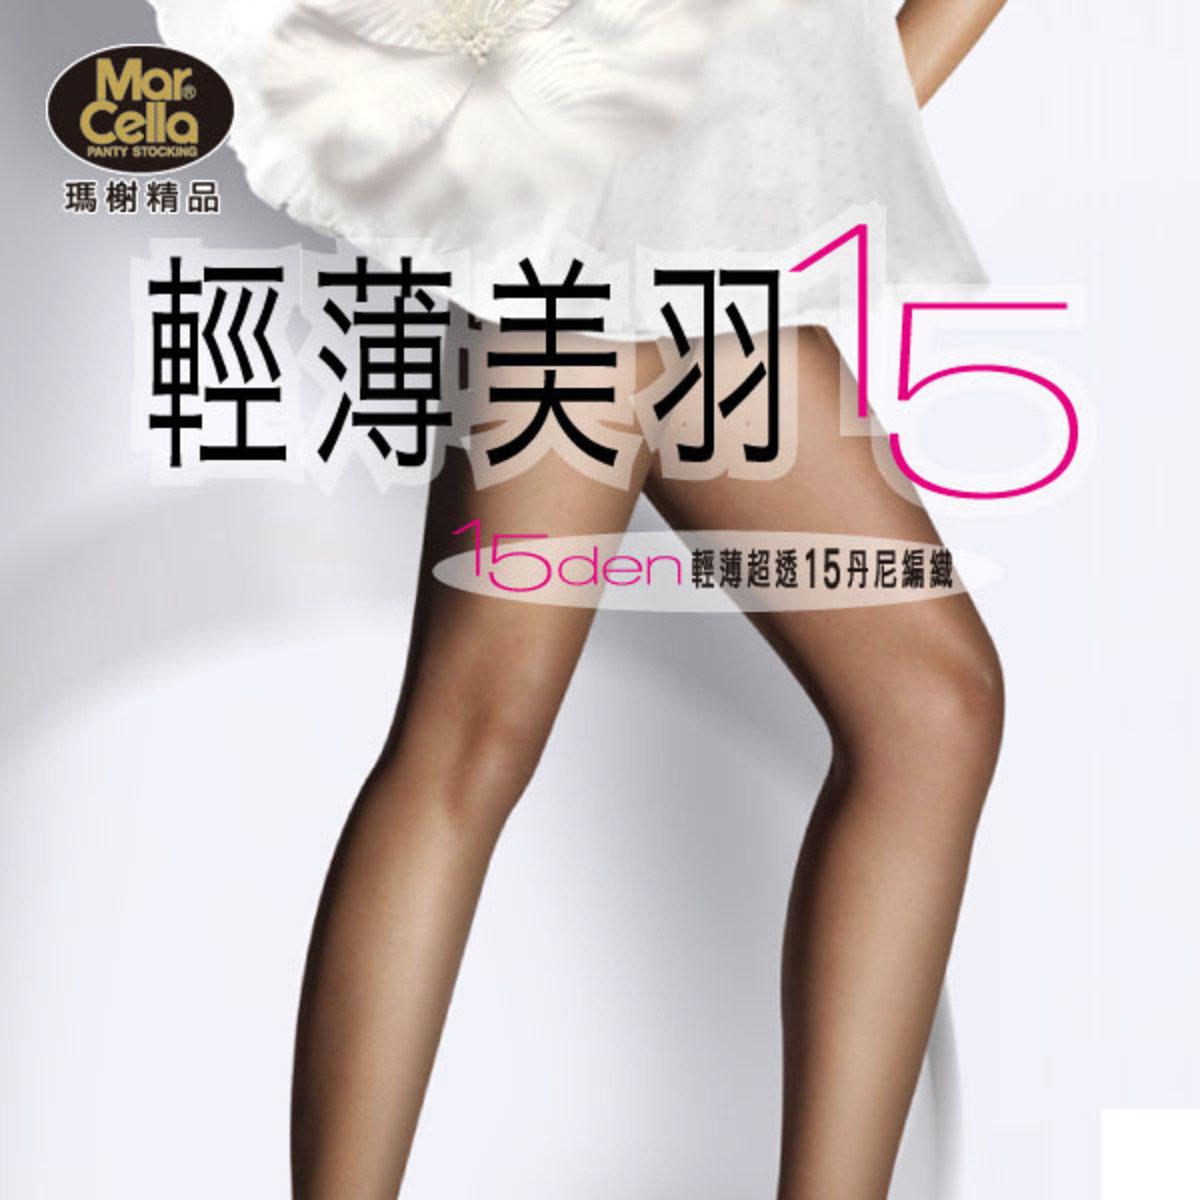 超輕薄 - 輕薄美羽15丹透膚褲襪 / 絲襪 (黑色)